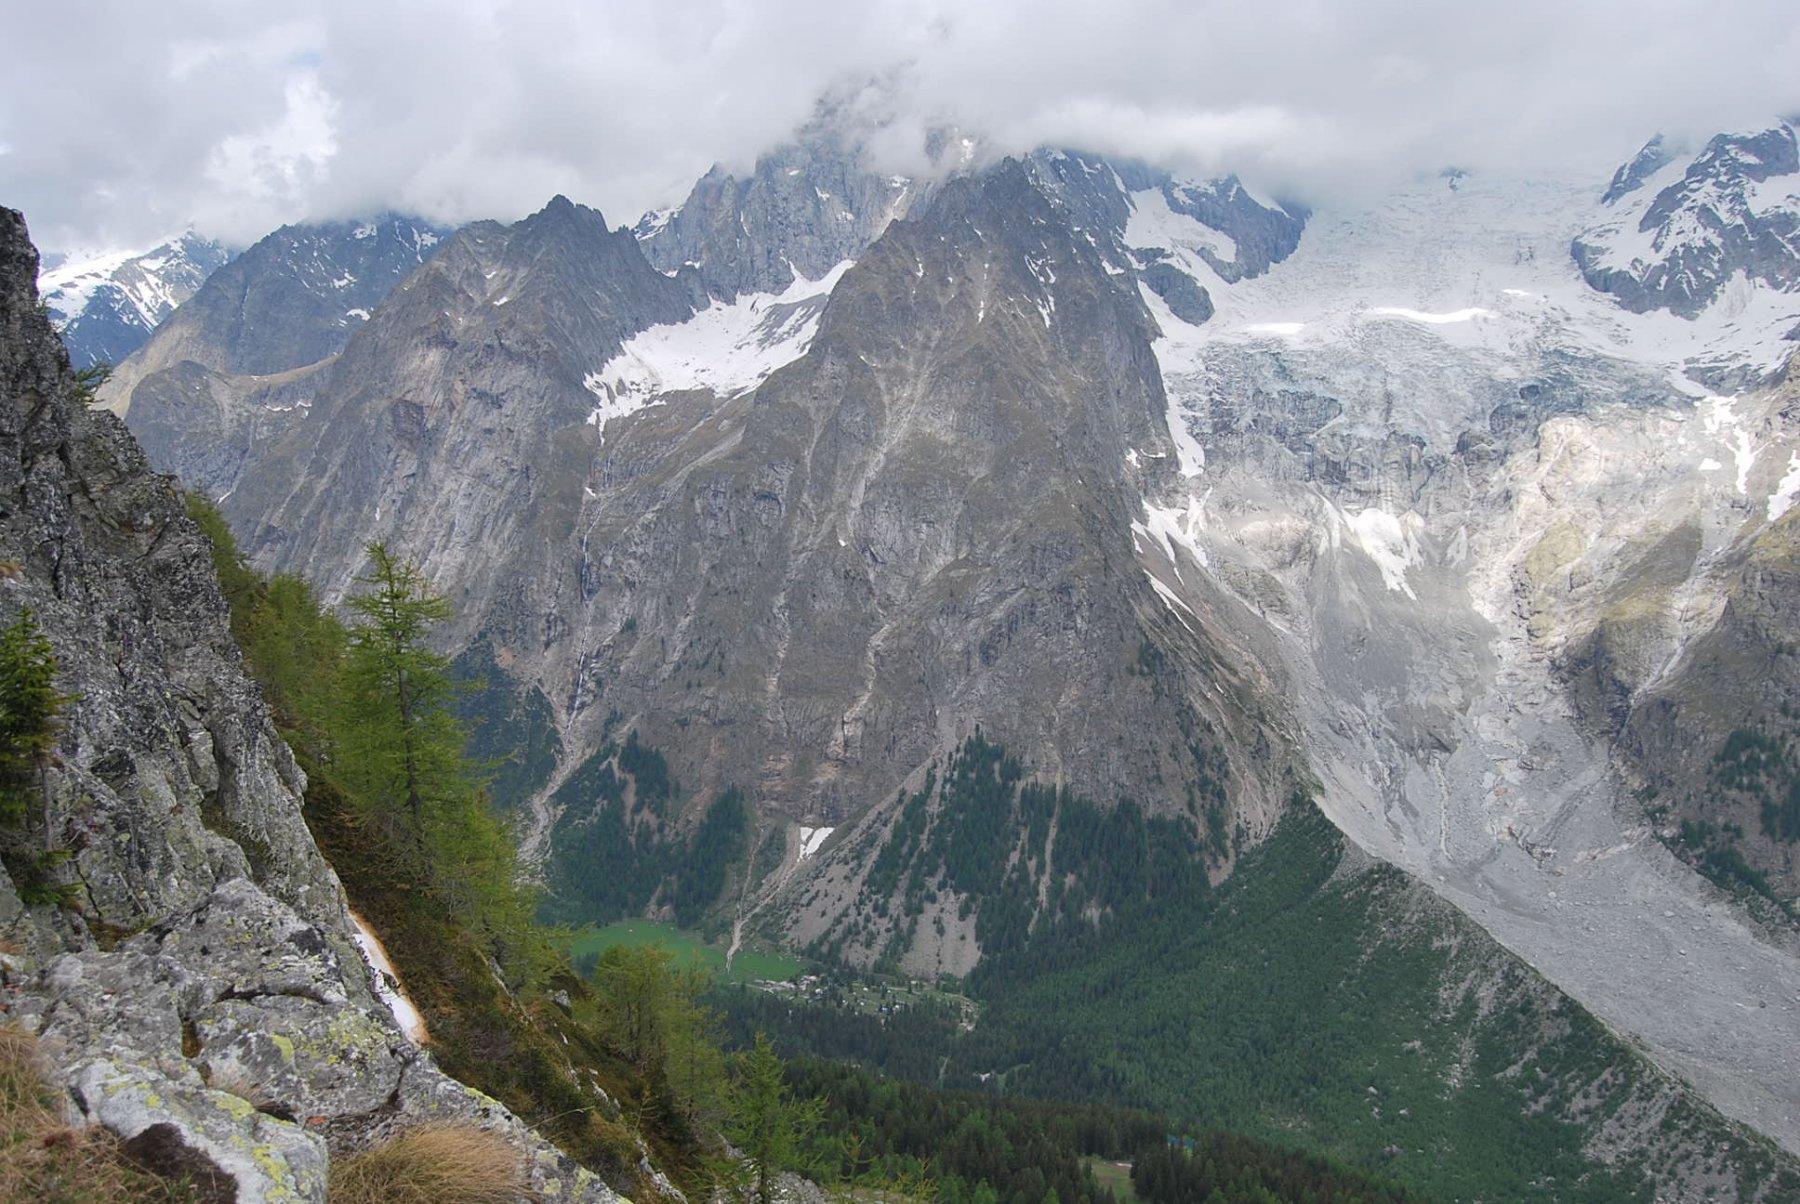 Dalla vetta: La Brenva e il Fauteuil des Allemand, col Rifugio Borrelli, con visibilità già compromessa